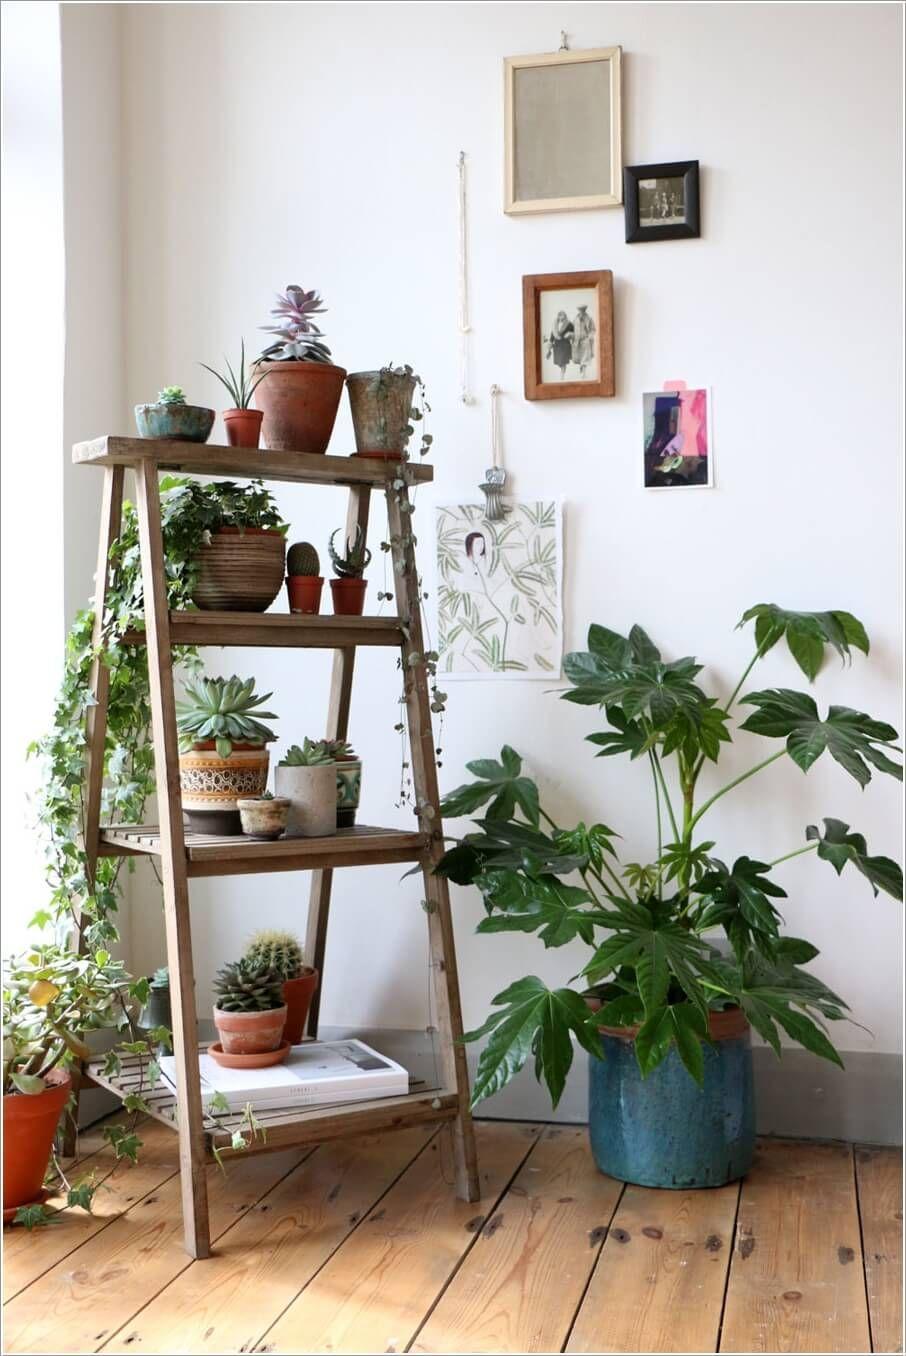 Amazing idead to display indoor plants diy pinterest plants